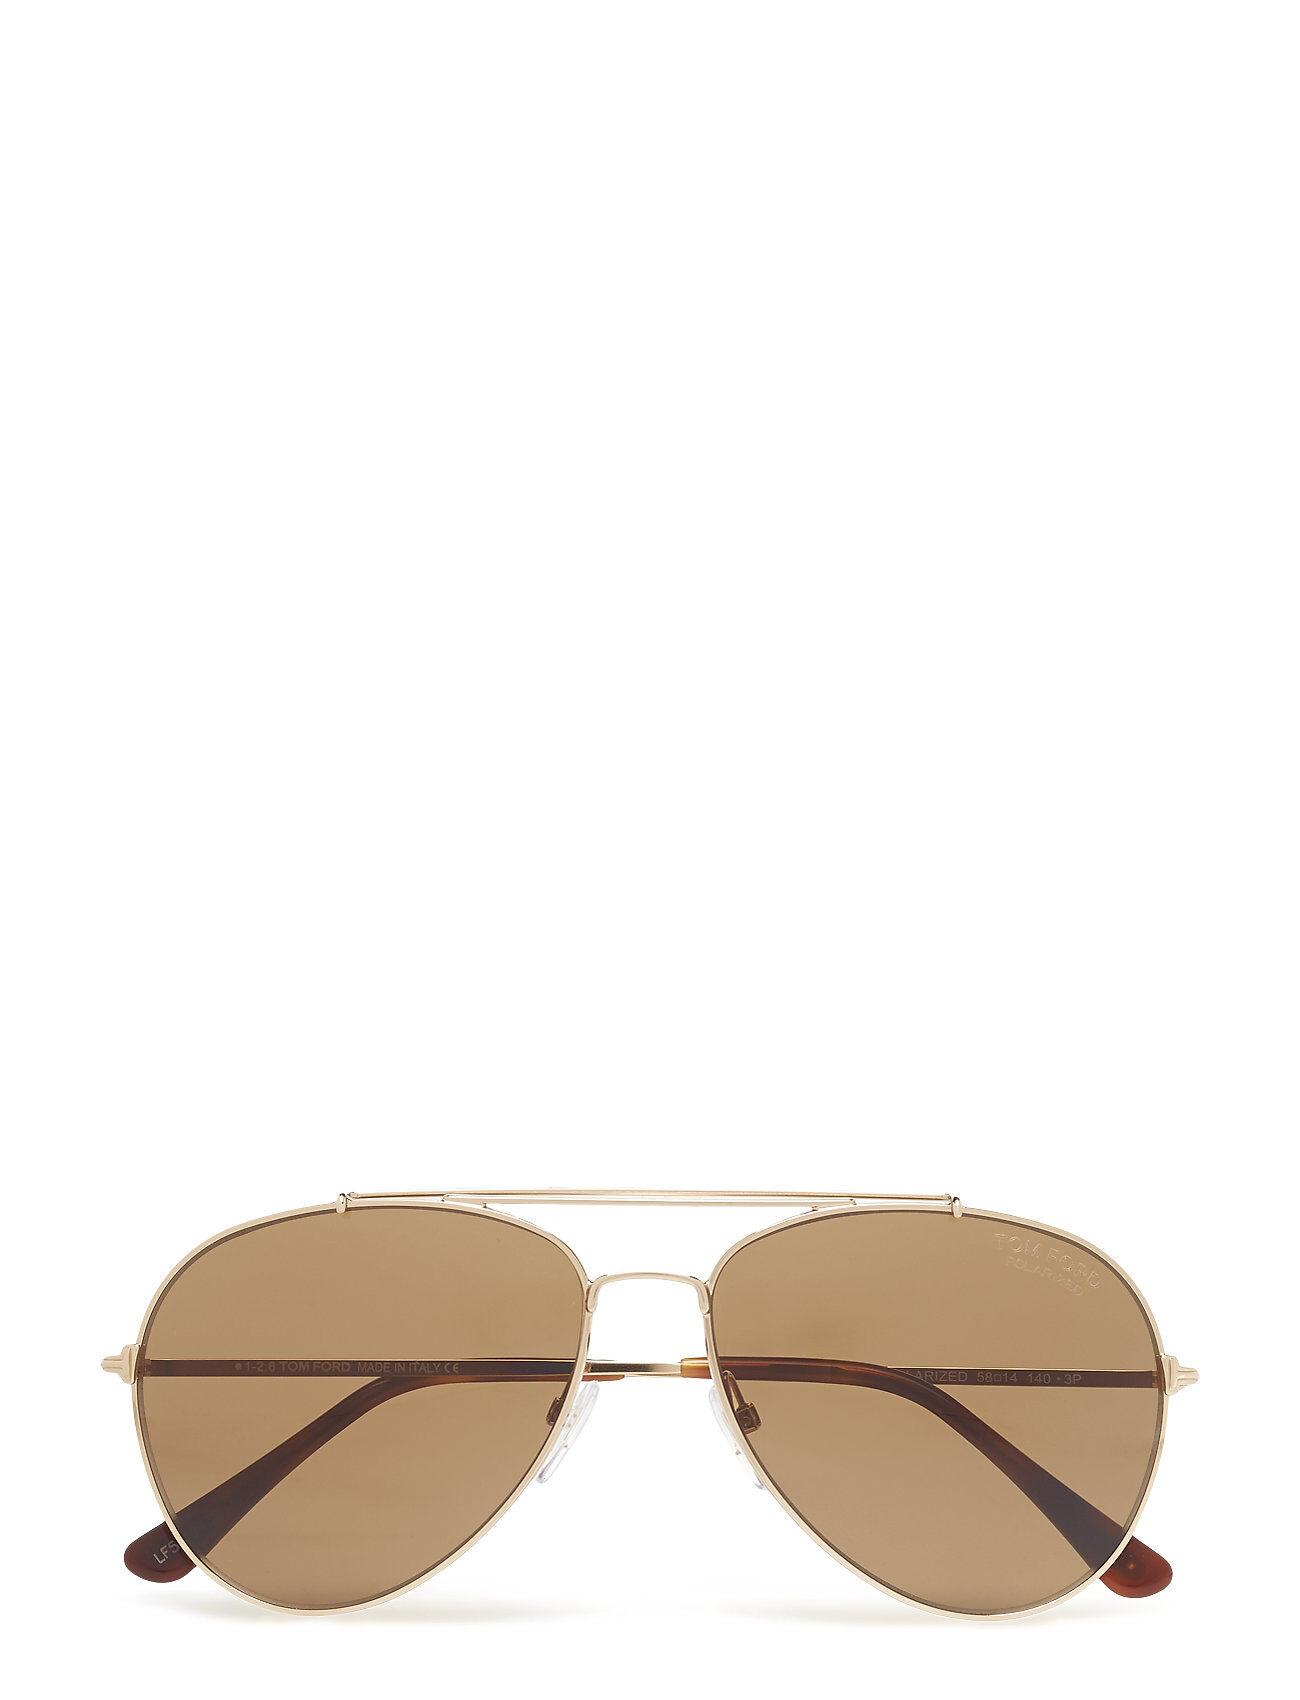 Image of Tom Ford Sunglasses Tom Ford Indiana Pilottilasit Aurinkolasit Kulta